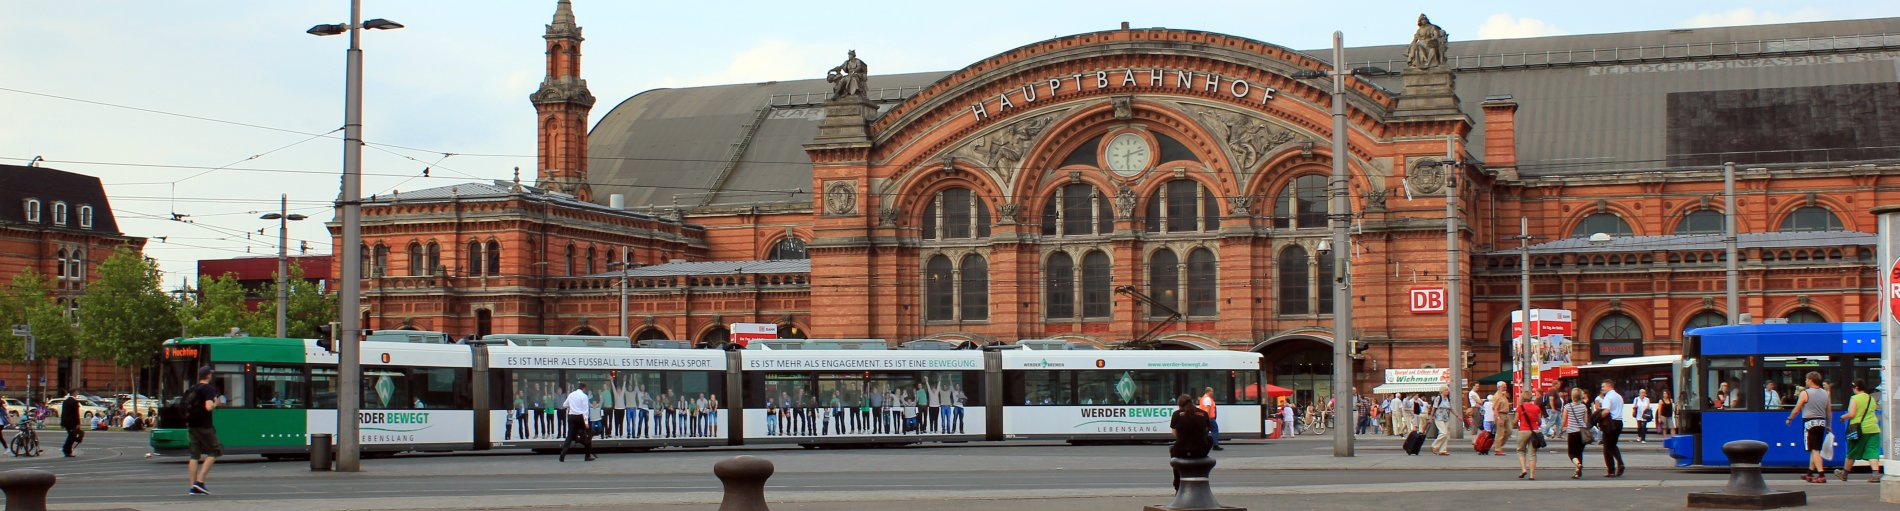 Eine Straßenbahn vor dem Bremer Hauptbahnhof